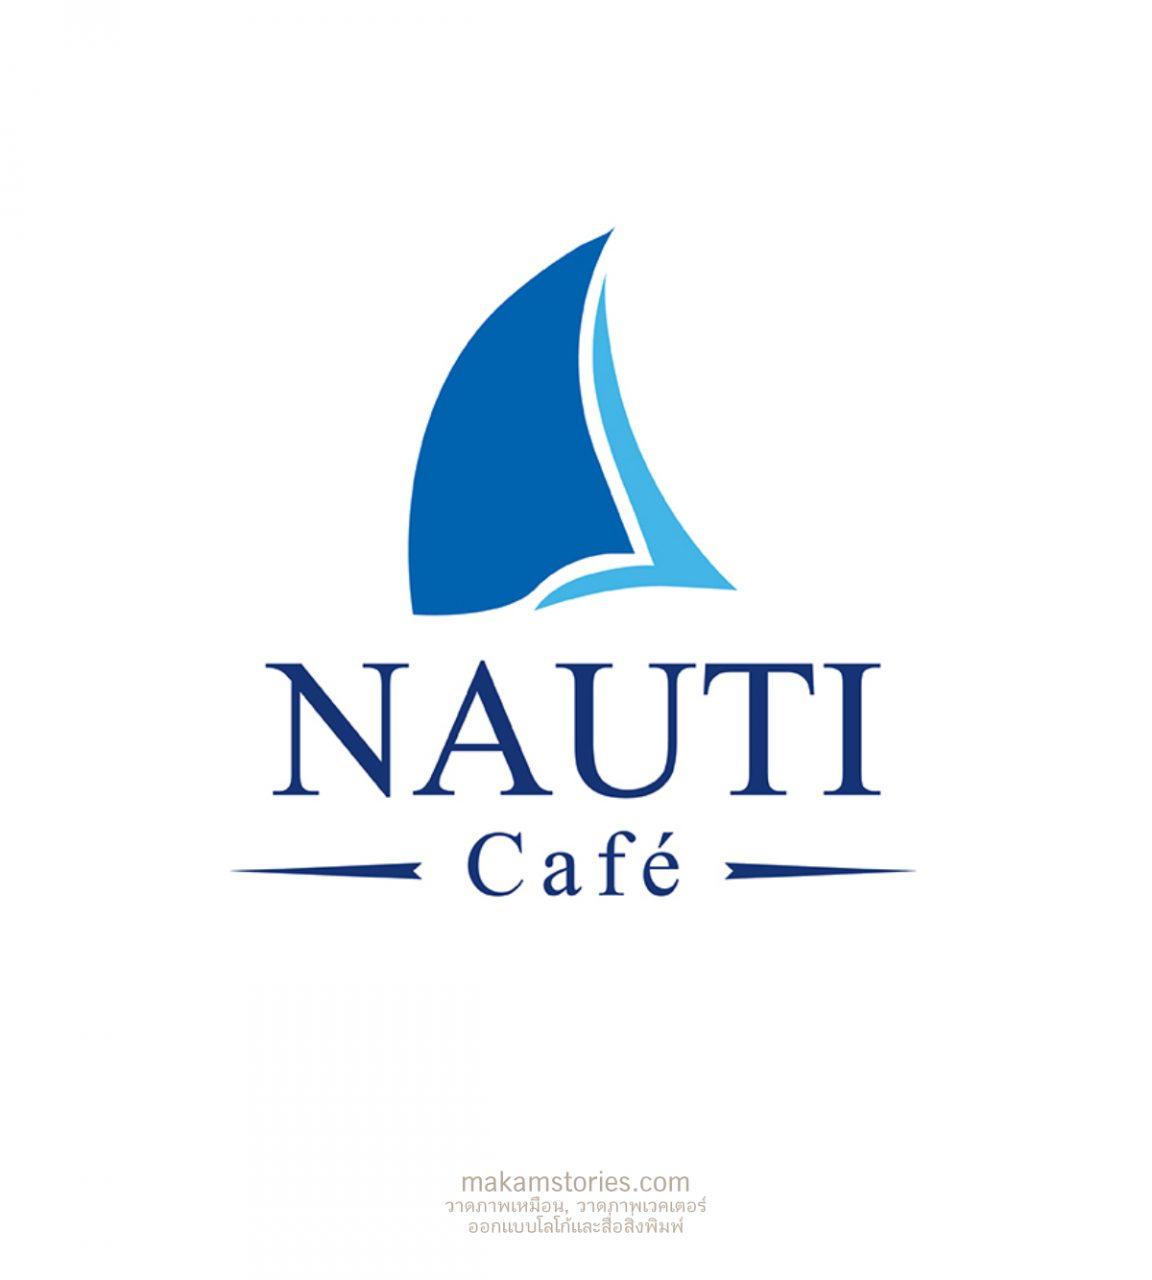 ออกแบบโลโก้สำหรับร้านคาเฟ่ Nauti Cafe